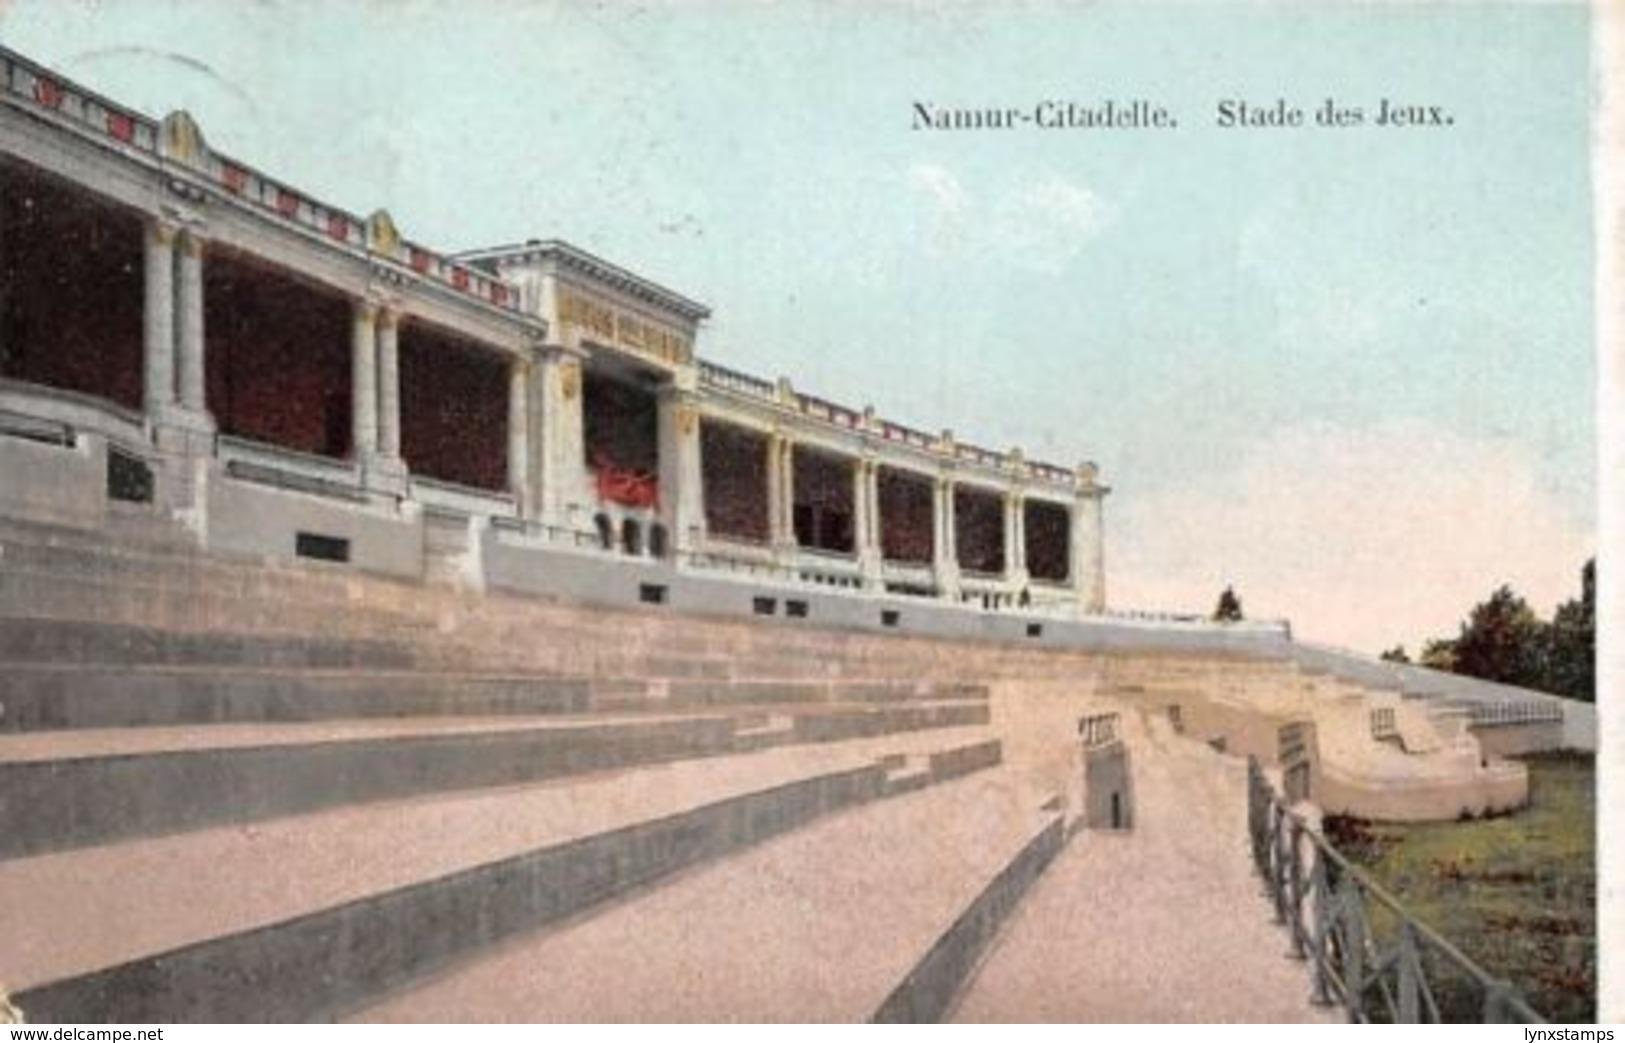 Belgium Namur-Citadelle Stade Des Jeux 1913 - Belgique